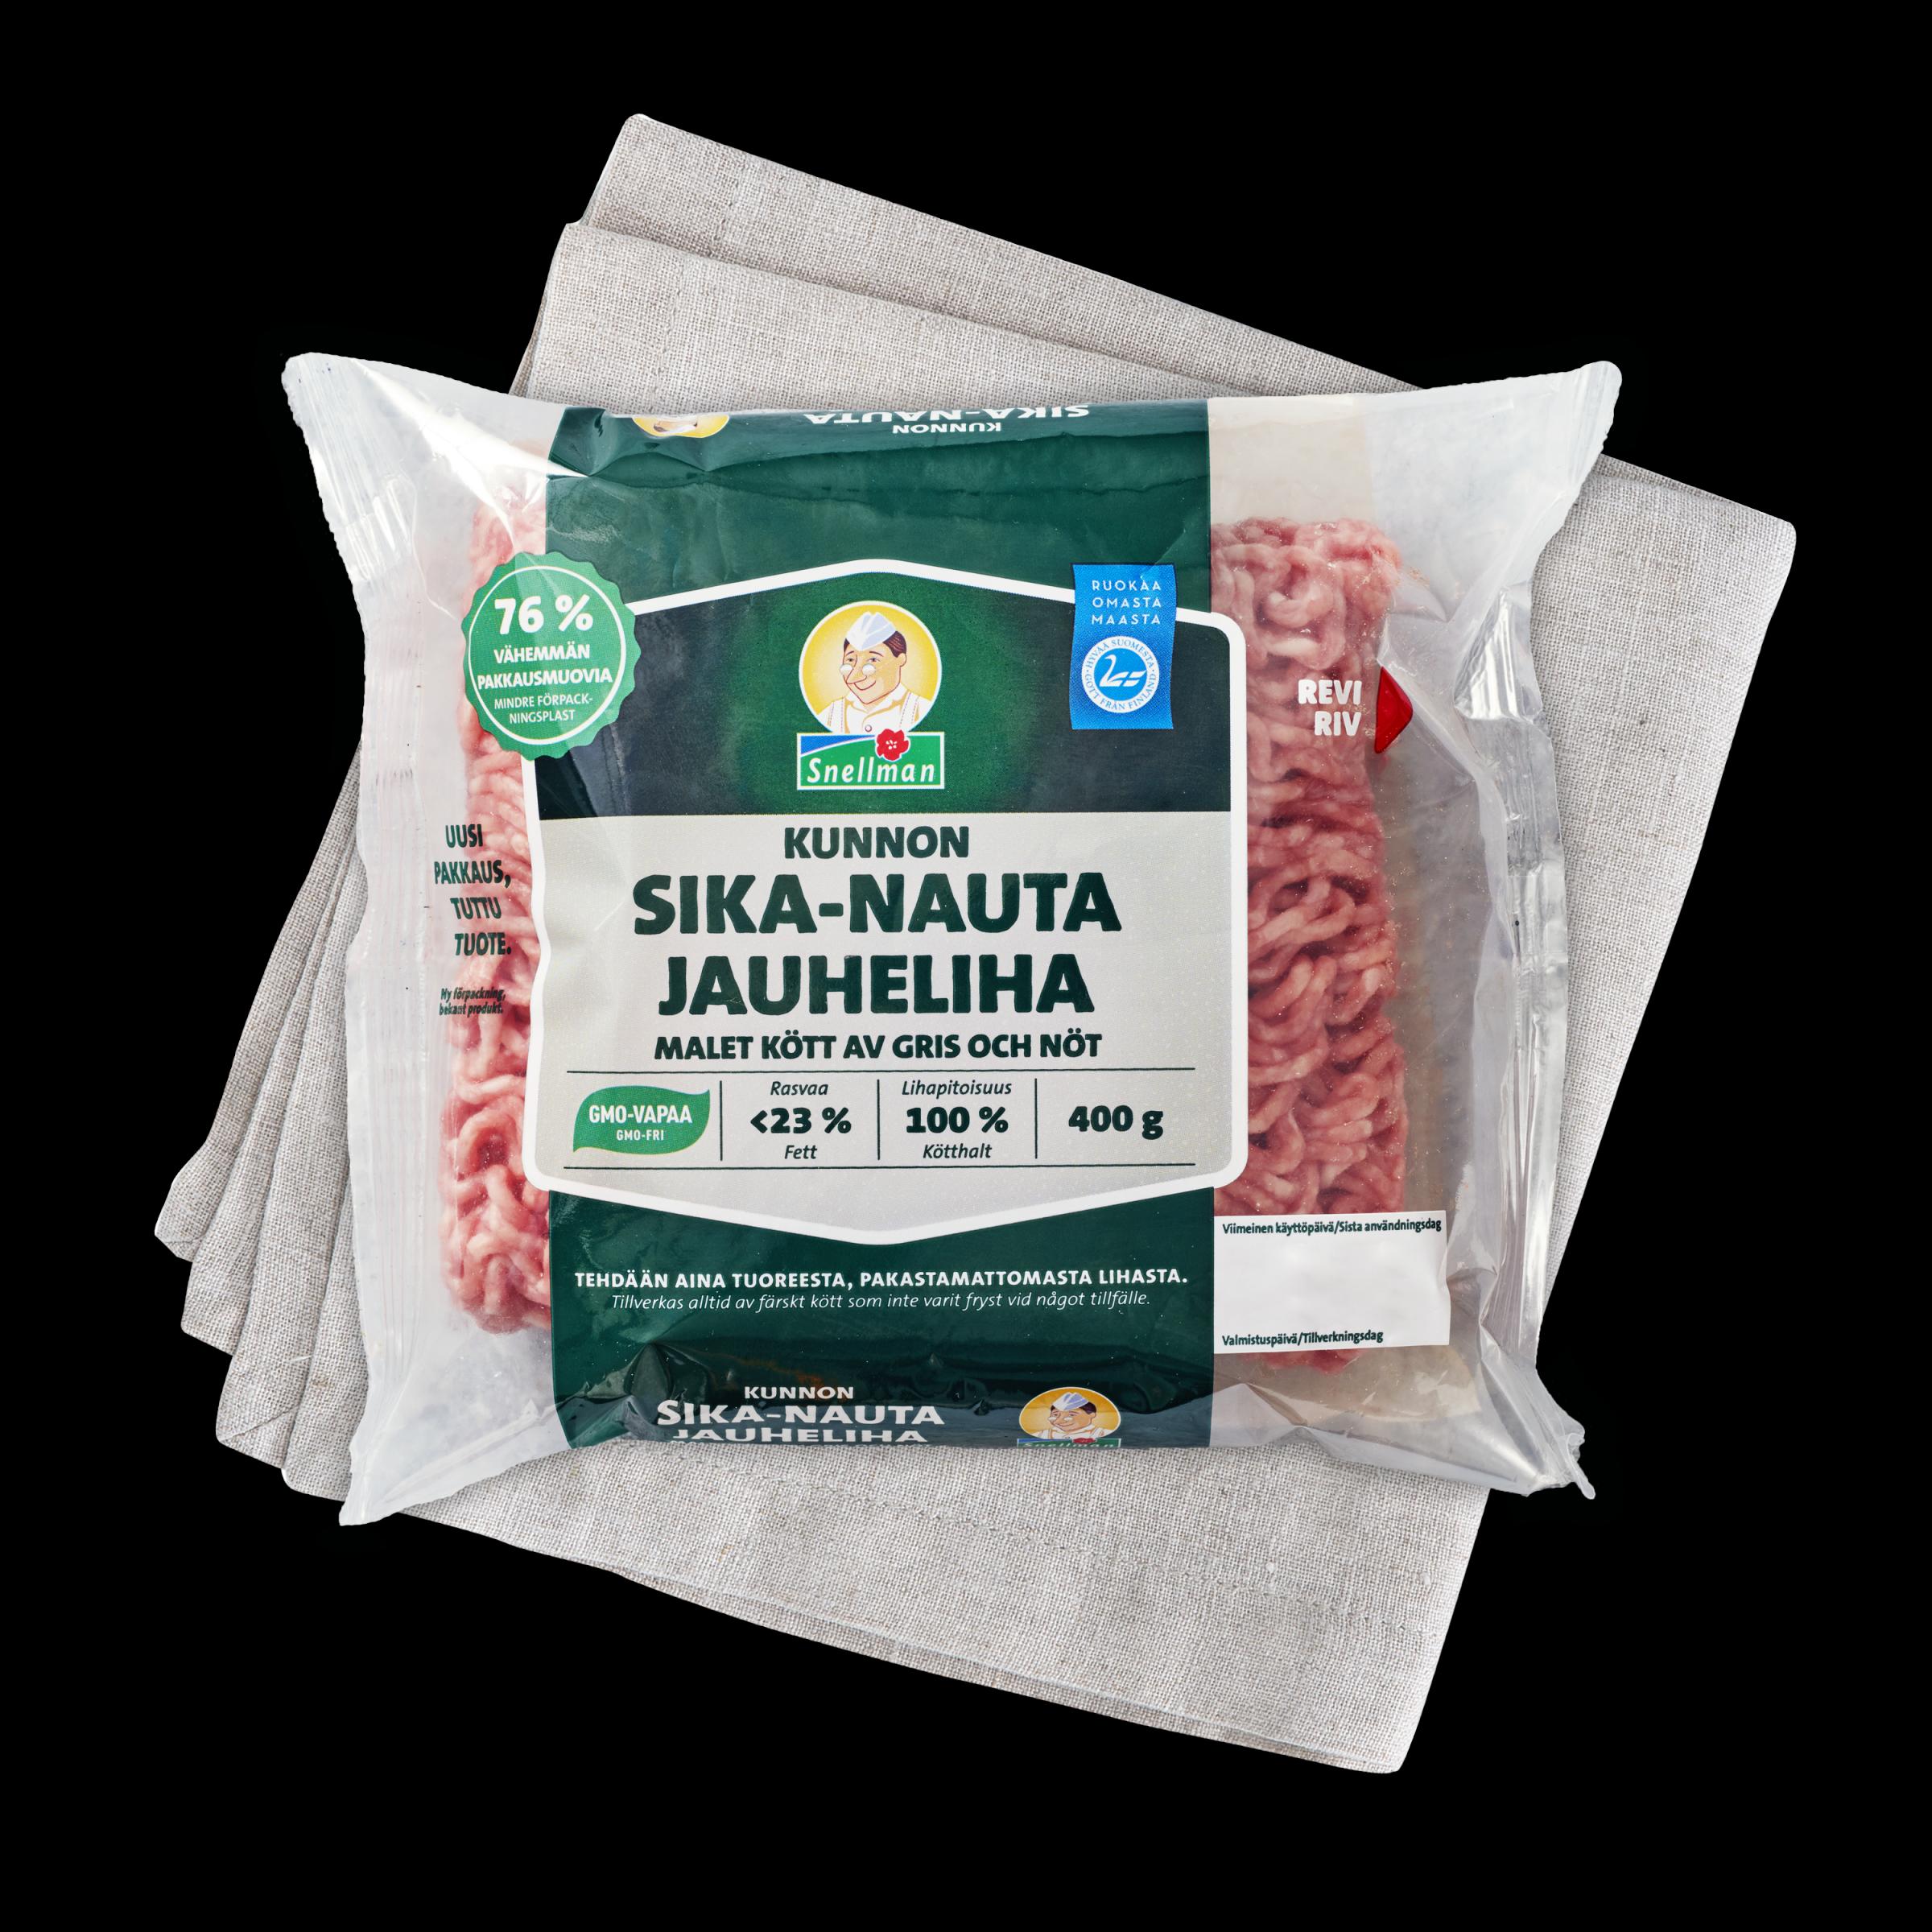 Malet kött av gris och nöt 1